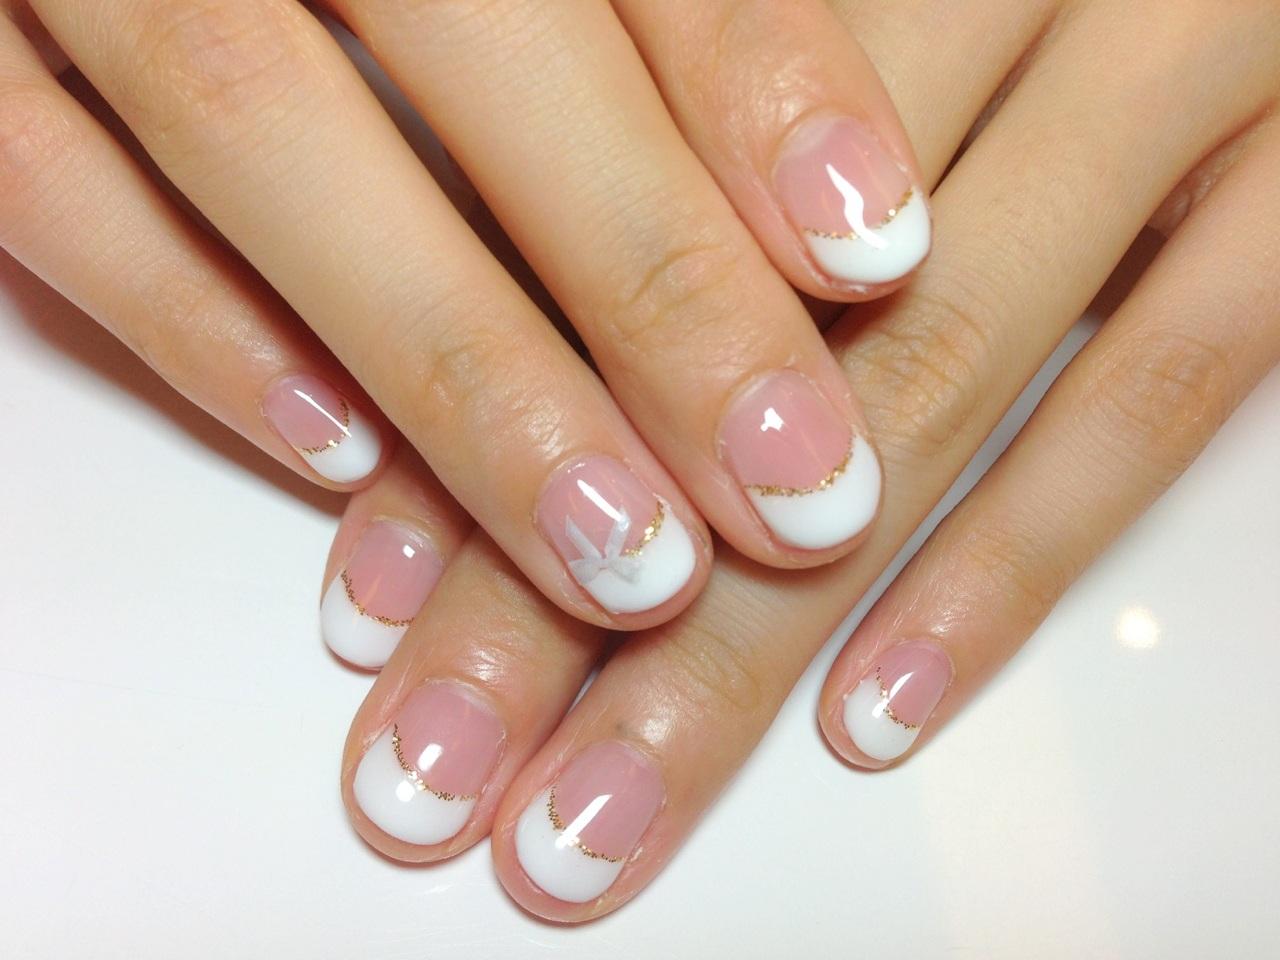 ジェルネイル画像 白フレンチネイル りぼんネイル 夏ネイル